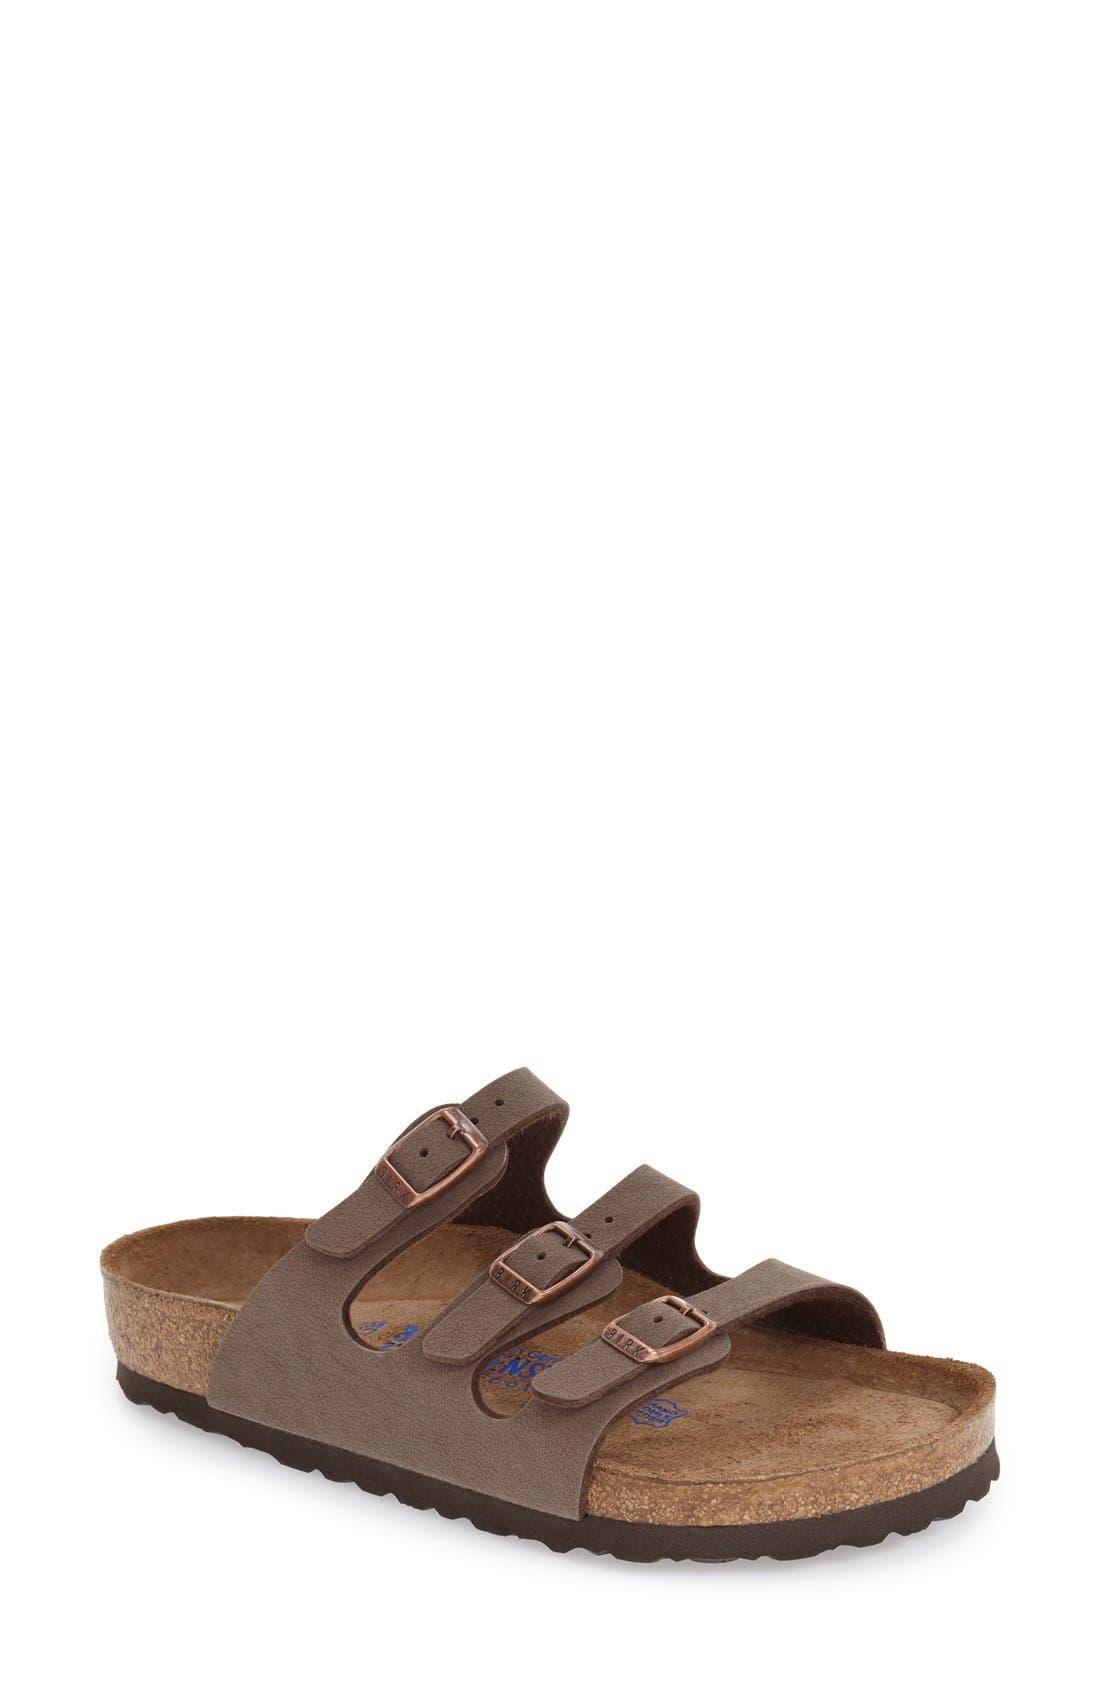 Alternate Image 1 Selected - Birkenstock 'Florida Birkibuc' Soft Footbed Sandal (Women)